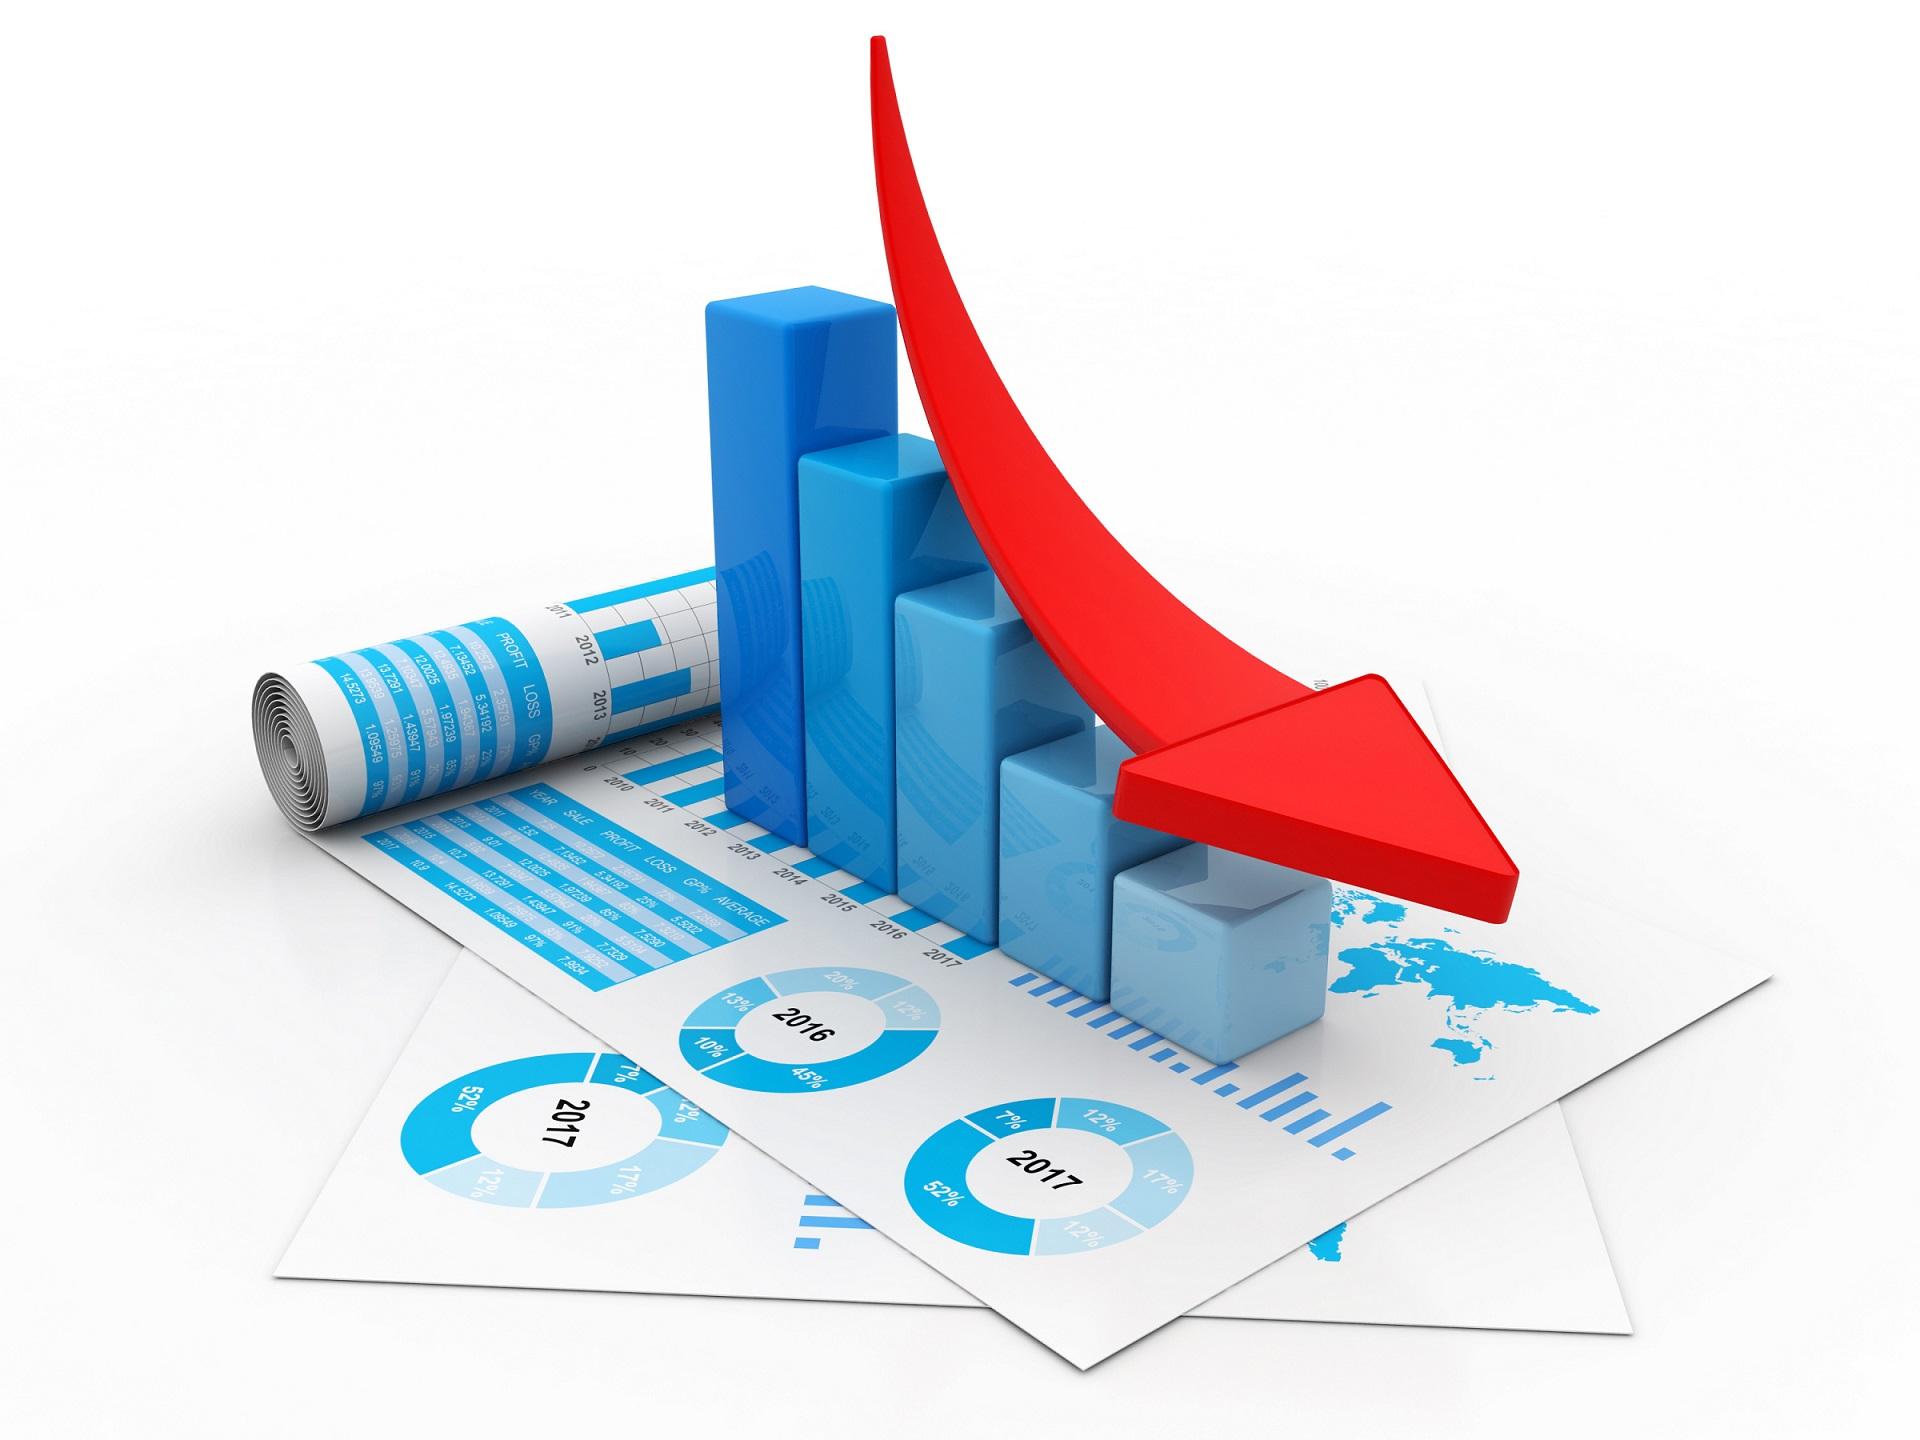 電池容量および充放電効率の劣化による蓄電システムの経済性低下 ...